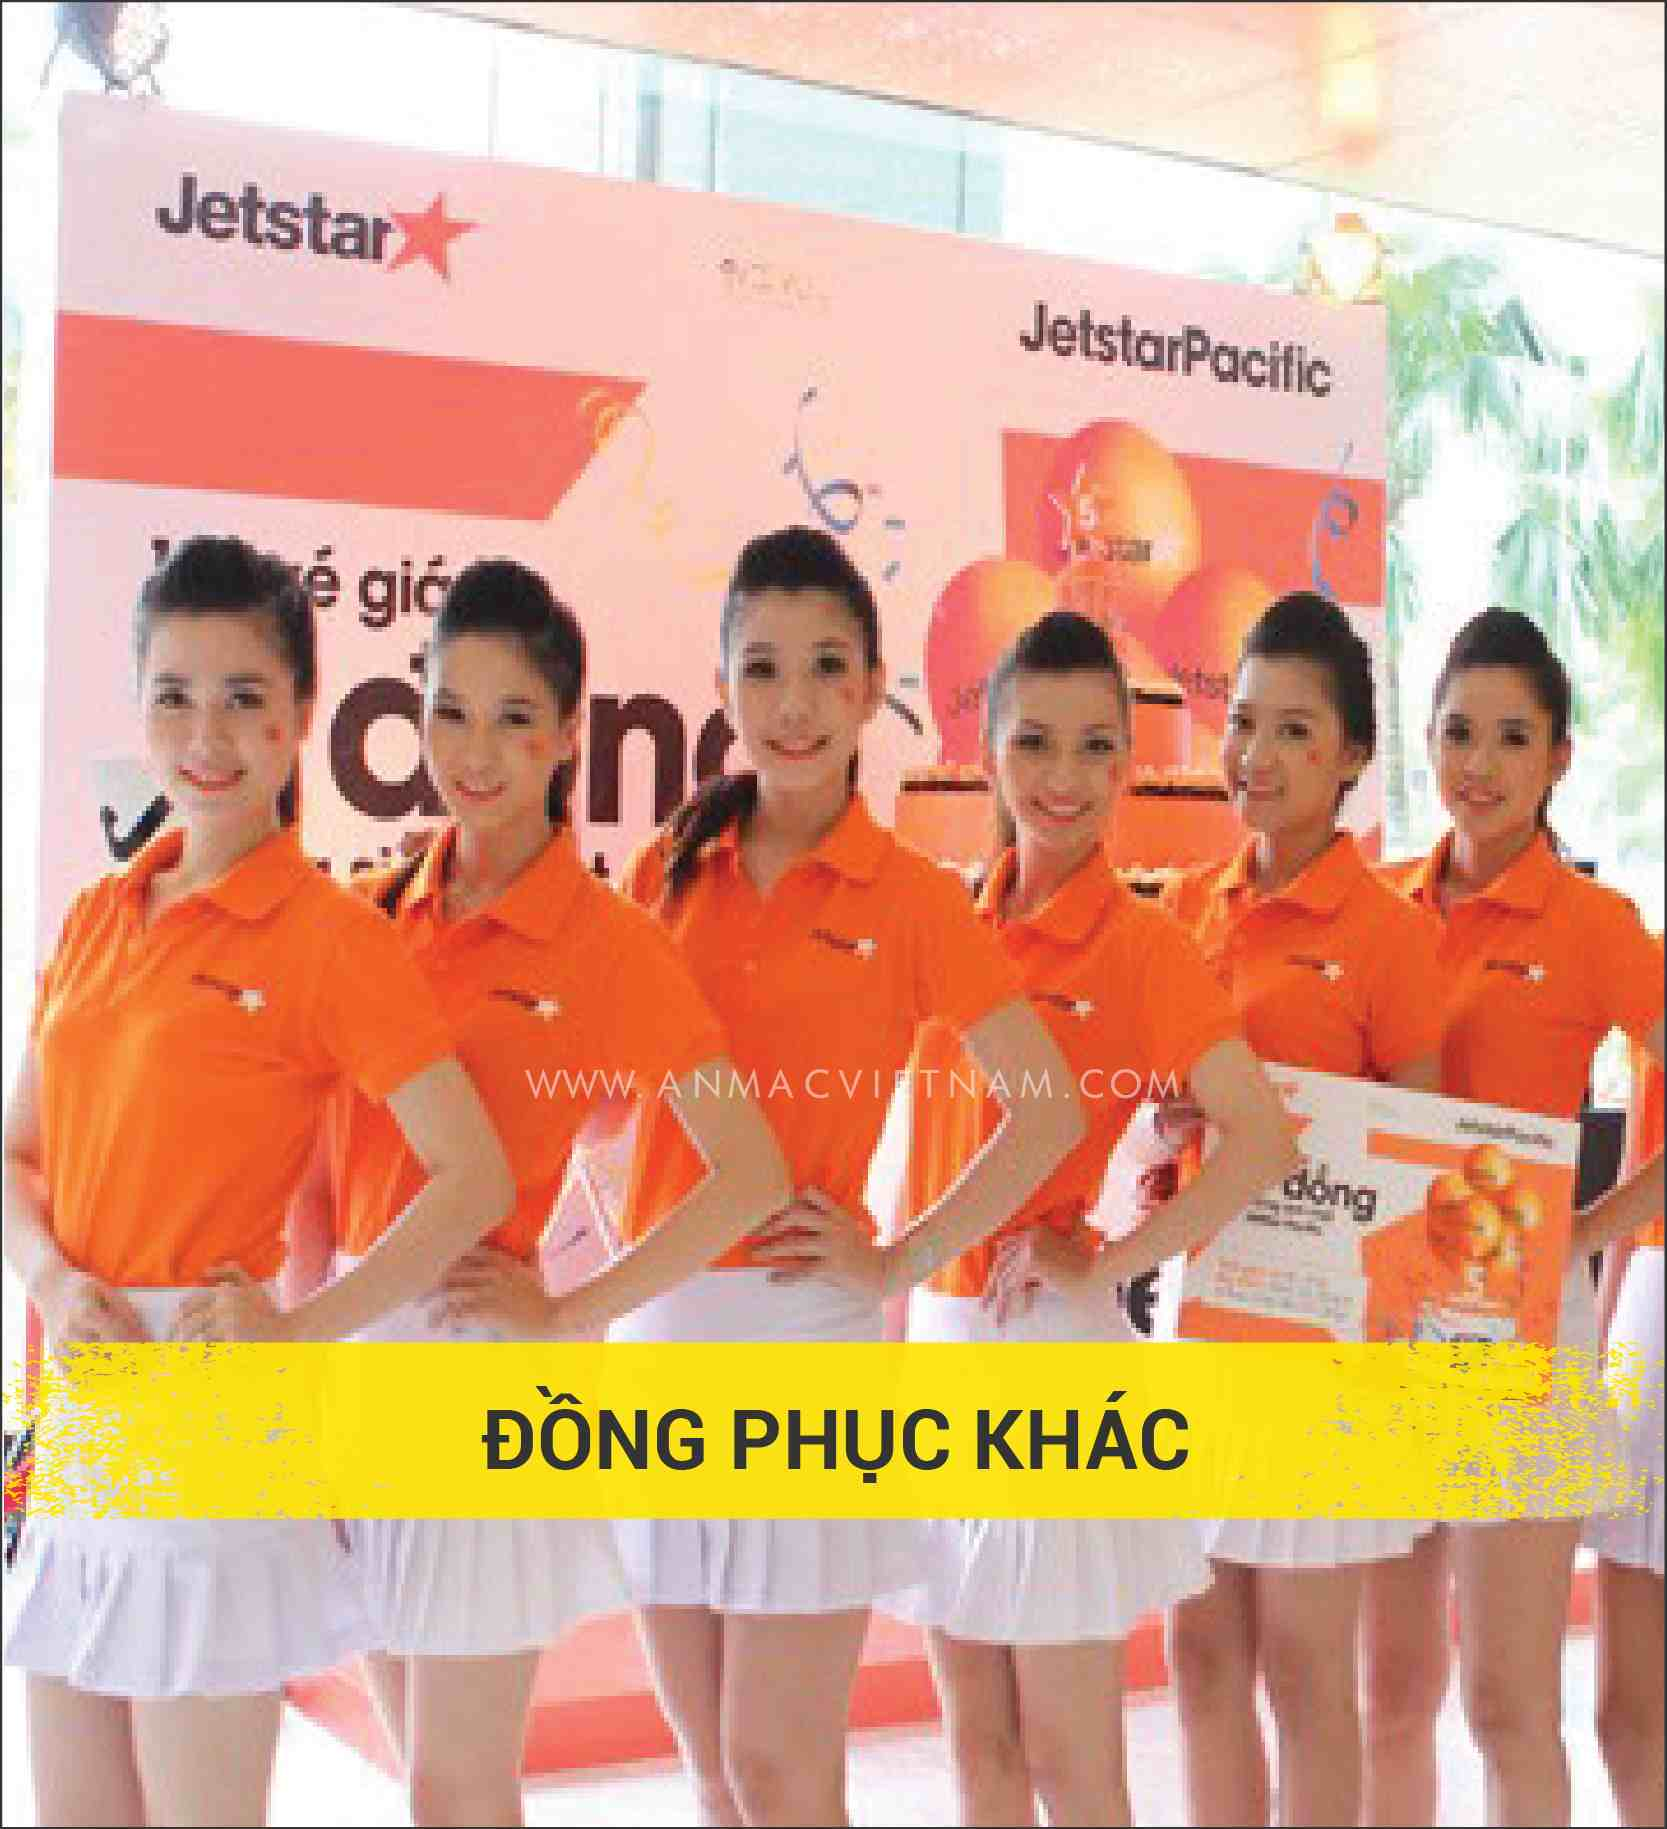 dong-phuc-khac Danh mục sản phẩm theo ngành